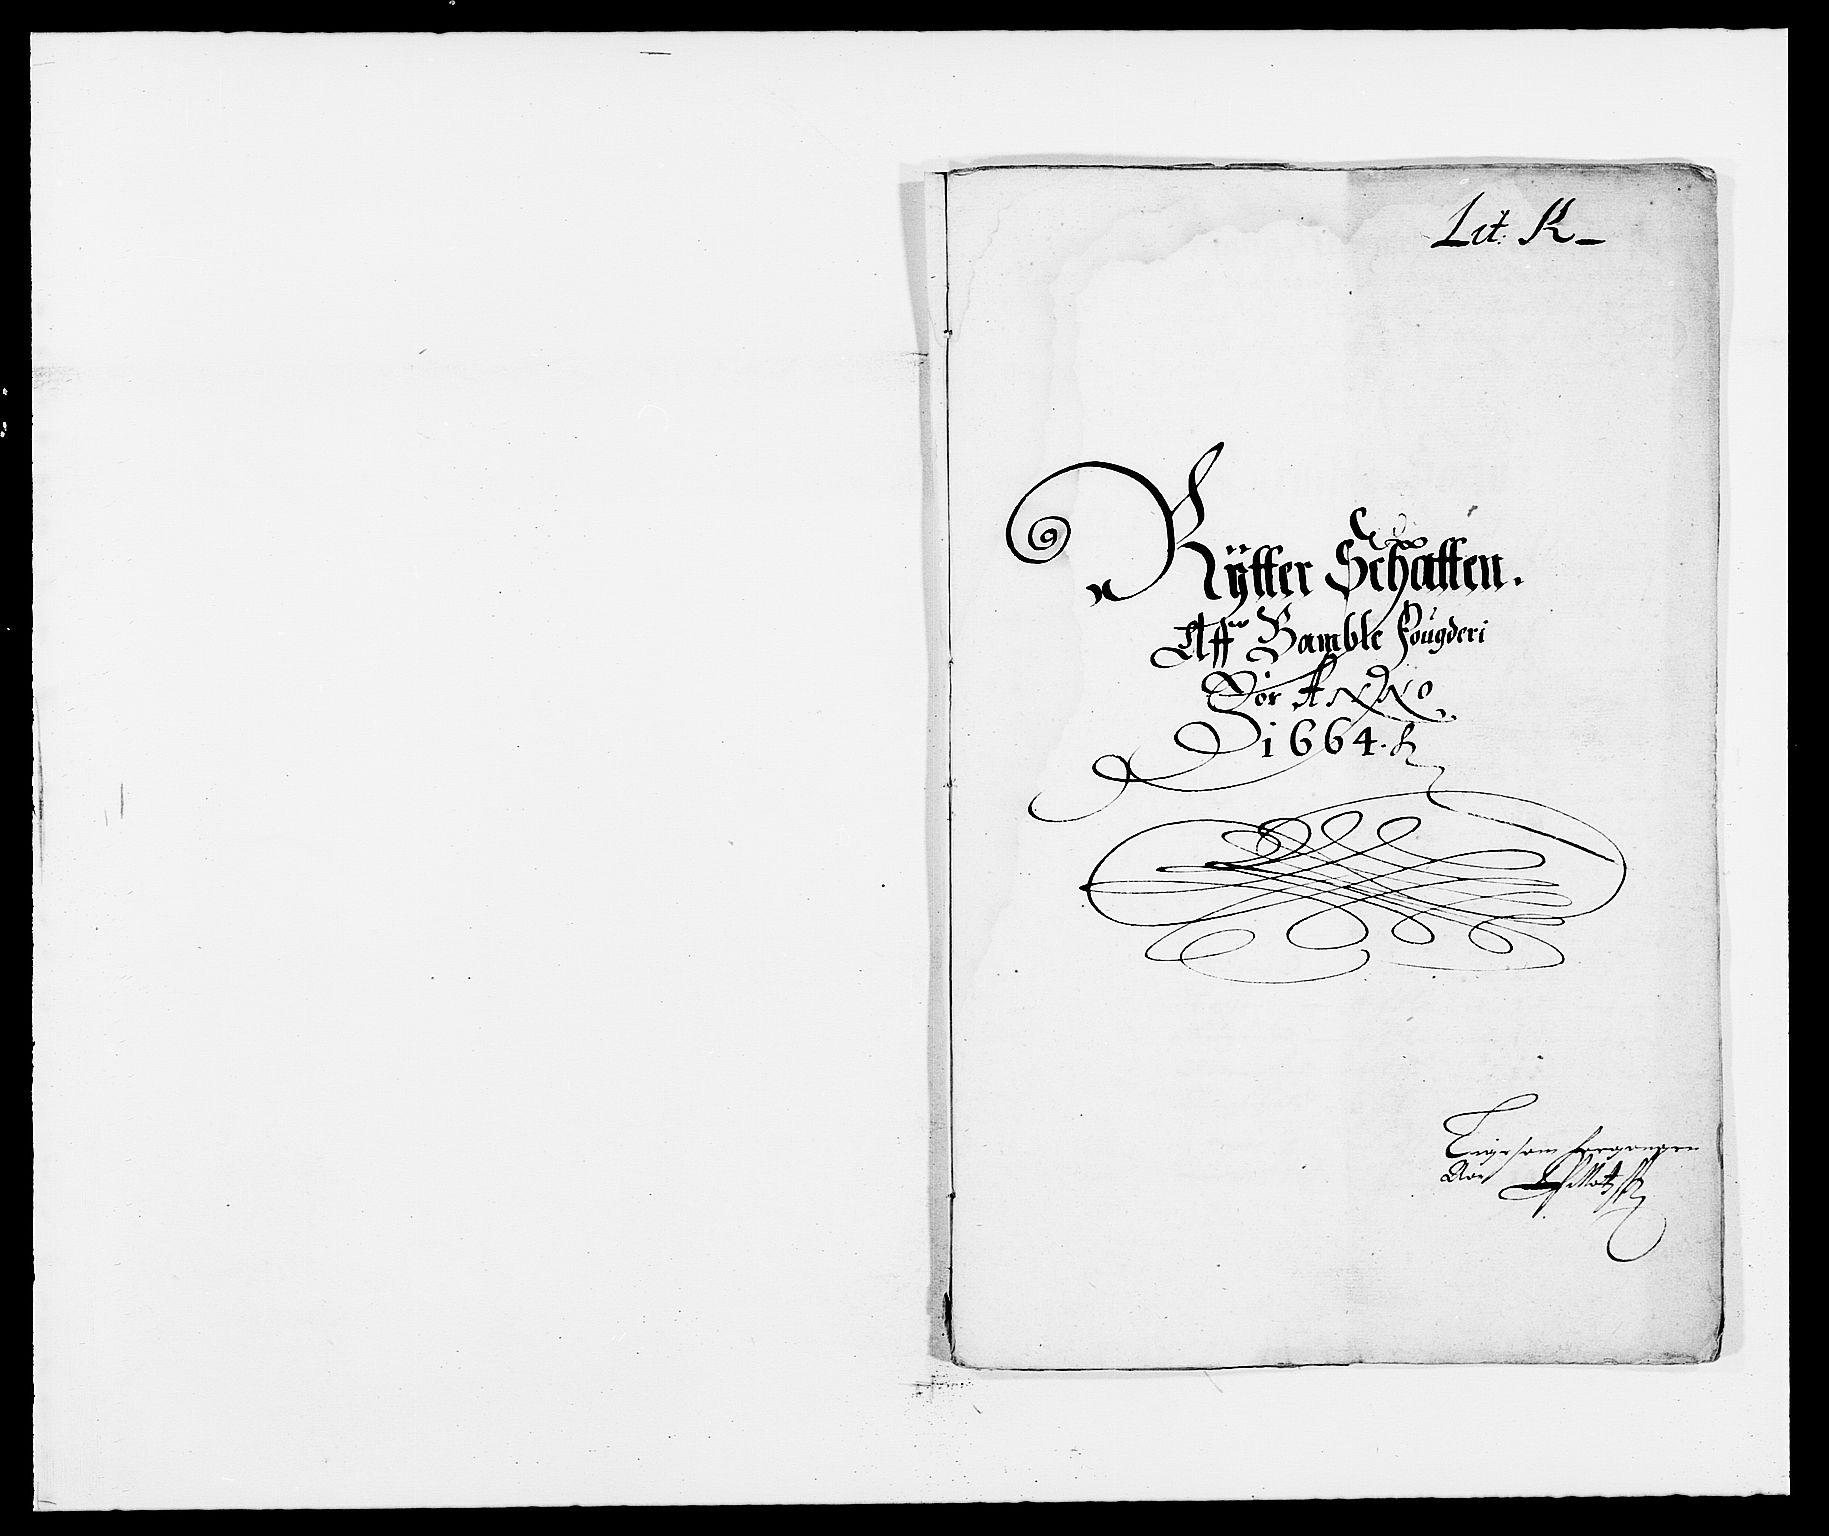 RA, Rentekammeret inntil 1814, Reviderte regnskaper, Fogderegnskap, R34/L2038: Fogderegnskap Bamble, 1662-1669, s. 54